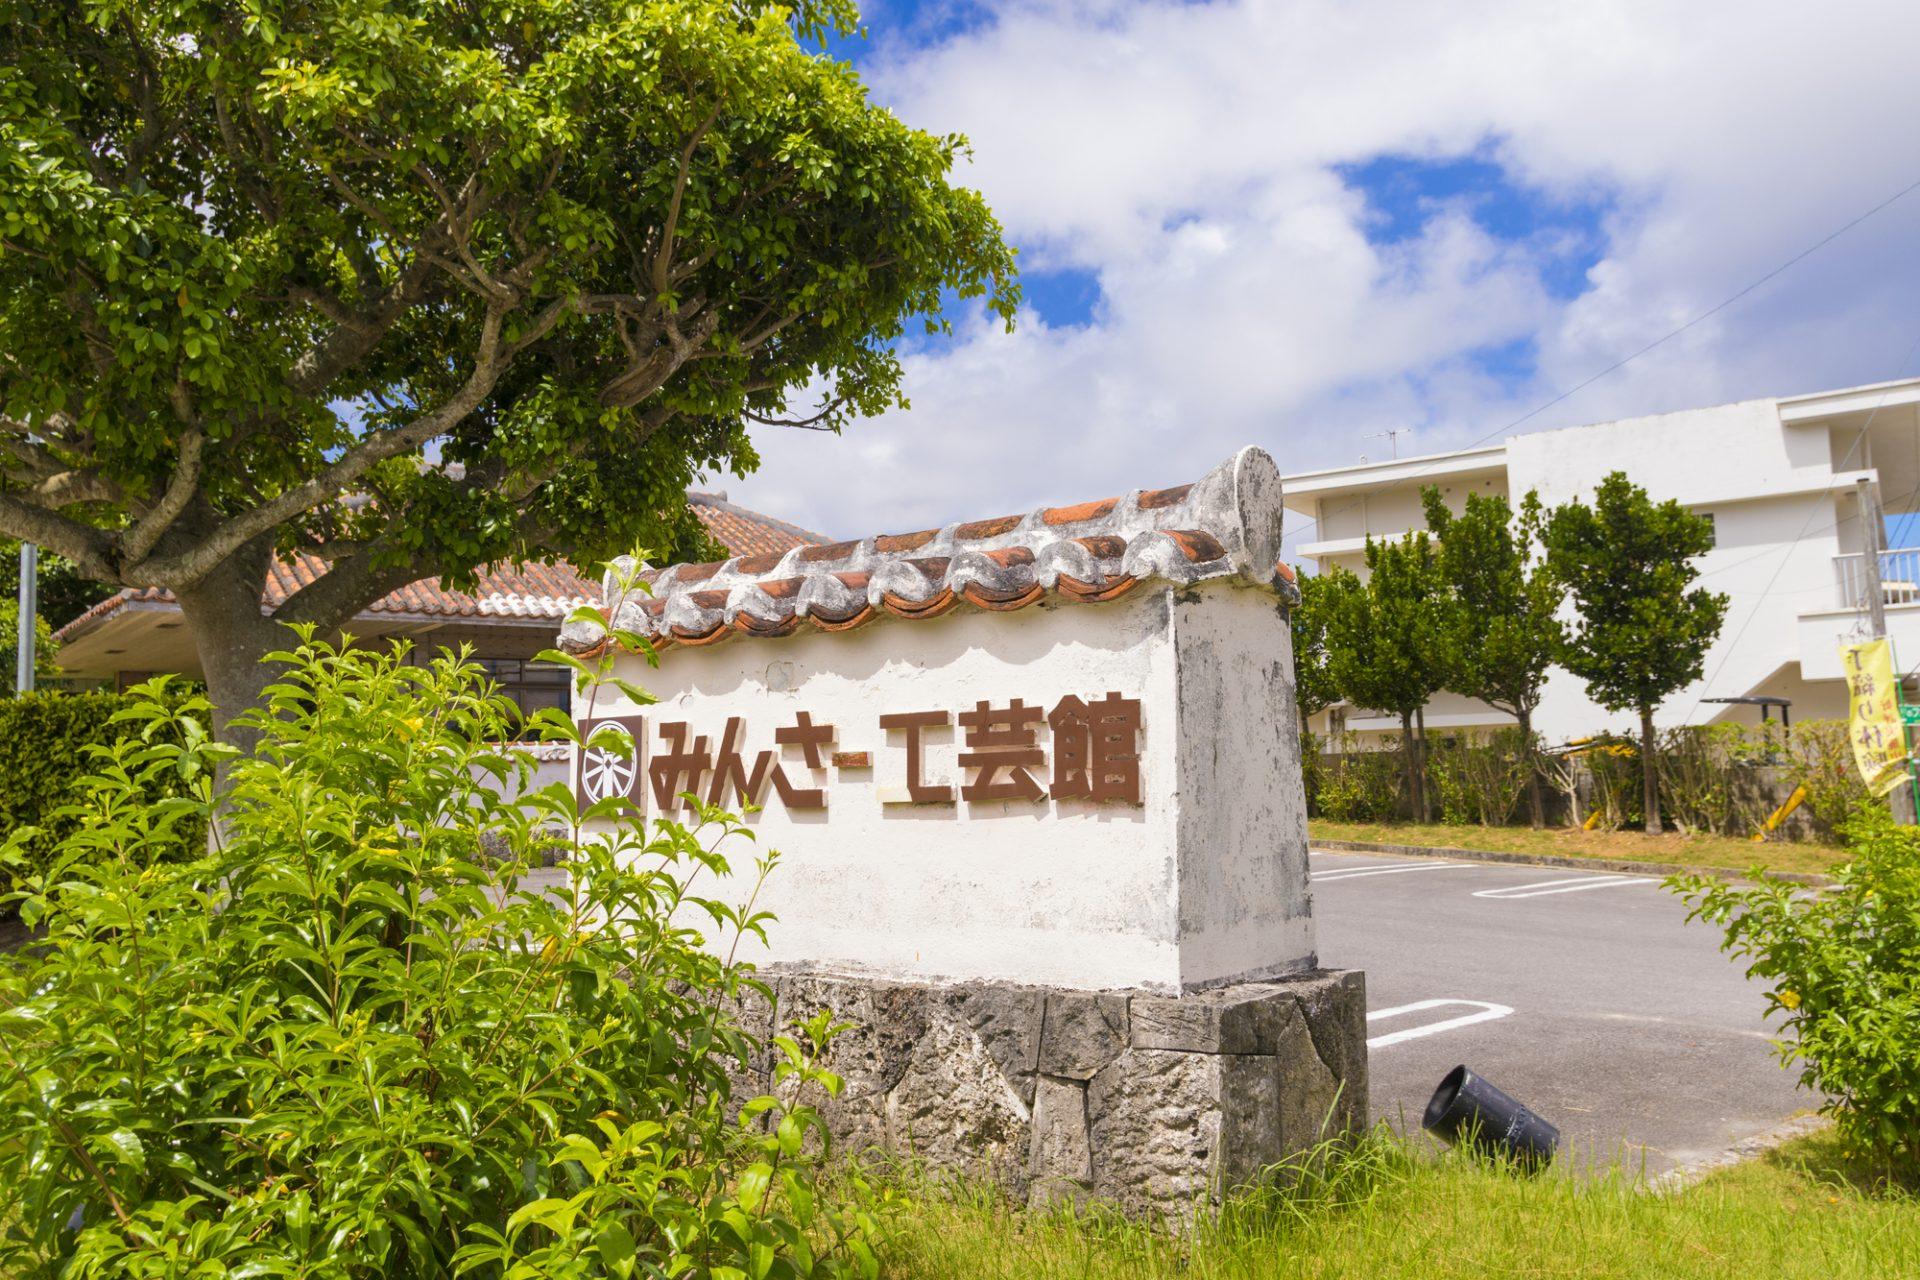 みんさー工芸館 石垣島 観光 スポット おすすめ 人気 名所 沖縄 旅行